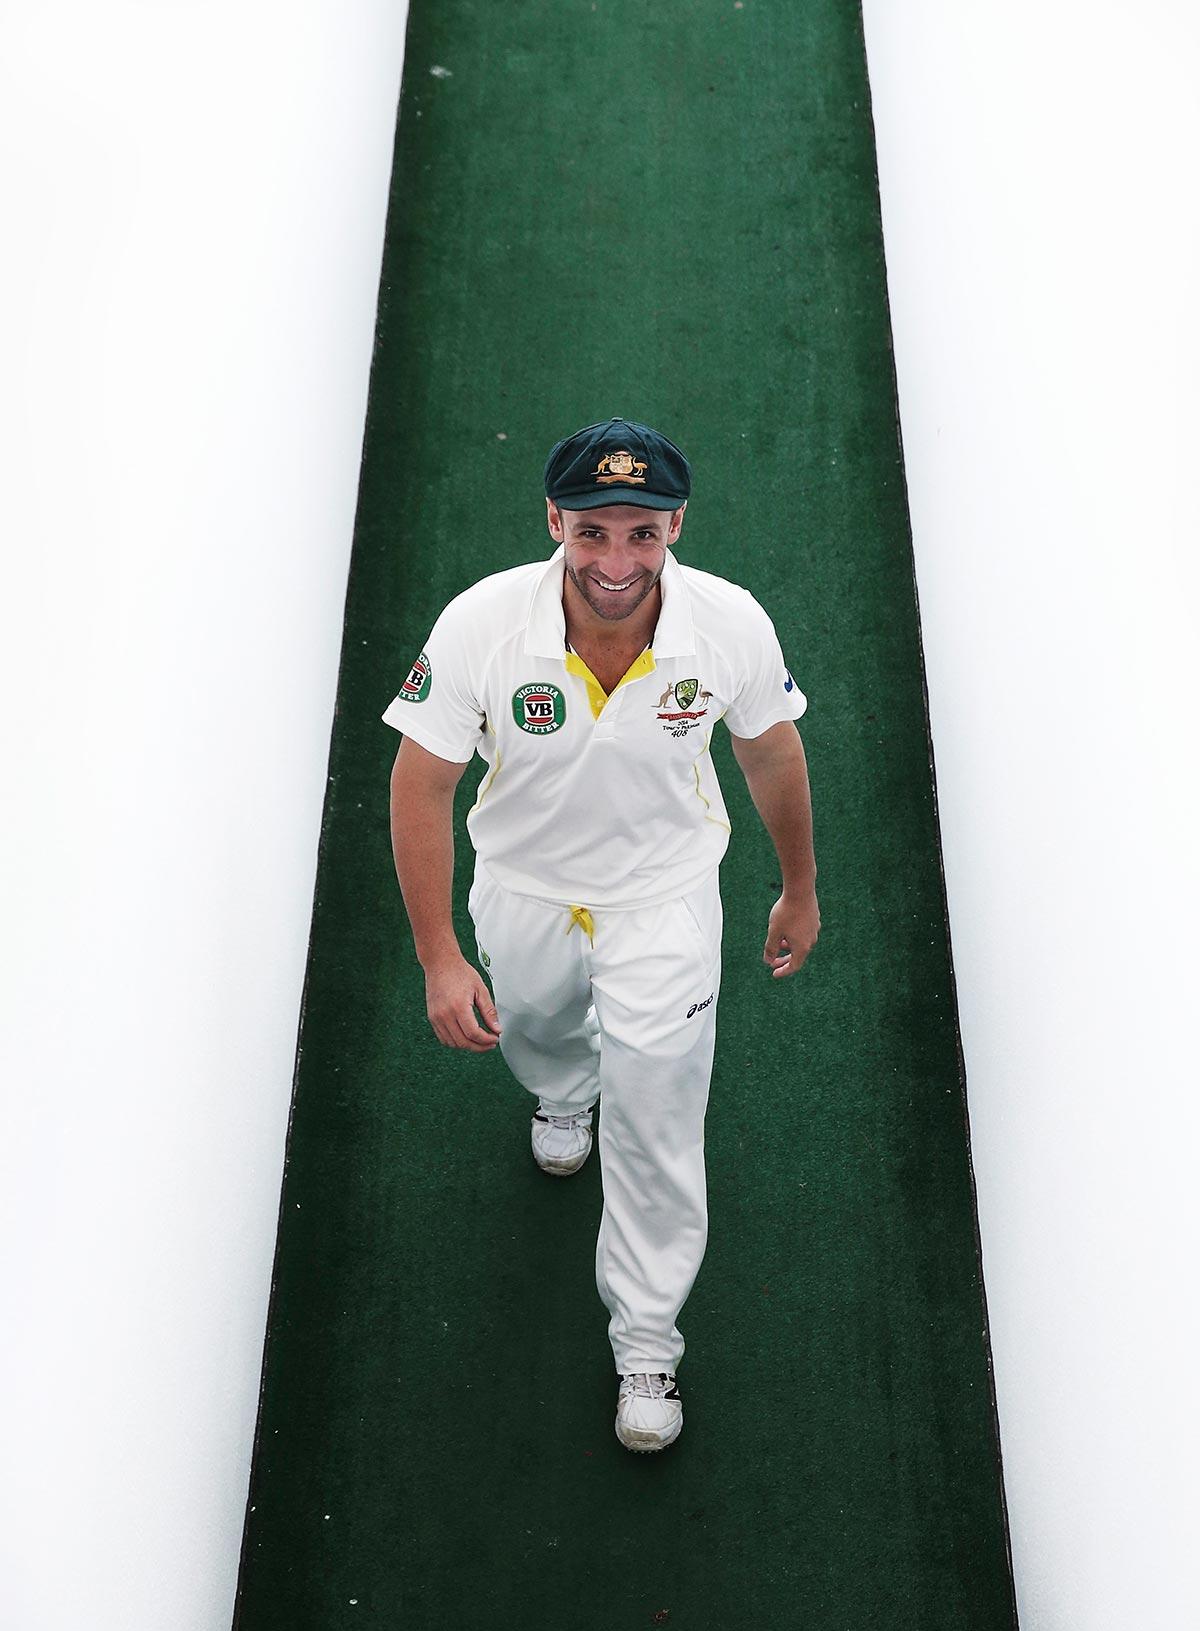 آسٹریلیا کے بارہویں کھلاڑی فلپ ہیوز ابوظہبی میں پاک-آسٹریلیا دوسرے ٹیسٹ کے دوسرے دن ڈریسنگ روم میں آ رہے ہیں (تصویر: Getty Images/Ryan Pierse)